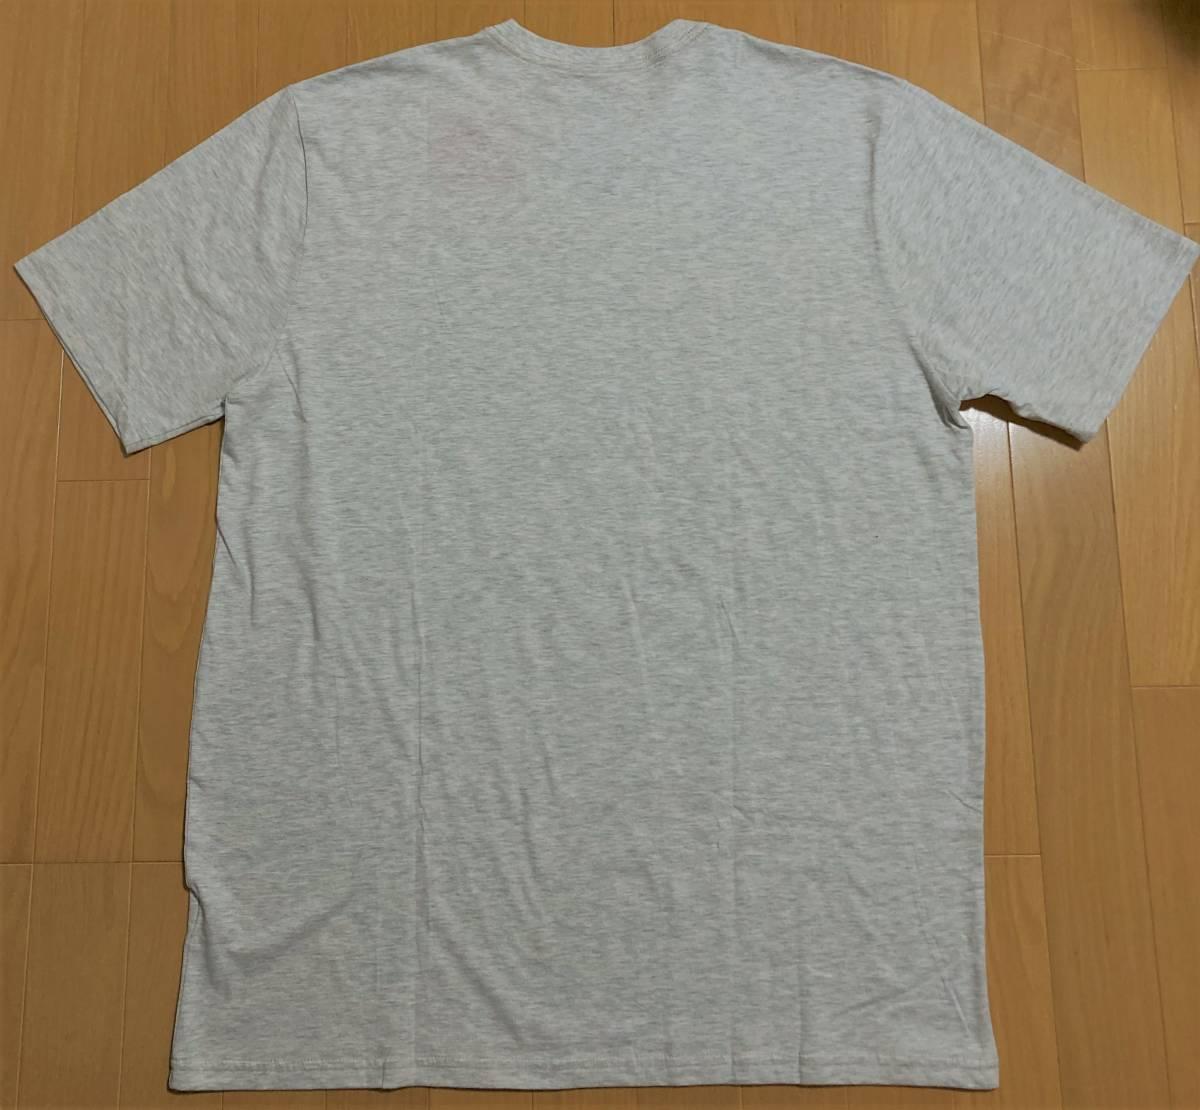 THE NORTH FACE ザ・ノースフェイス Tシャツ USA規格XLサイズ ライトミックスグレー